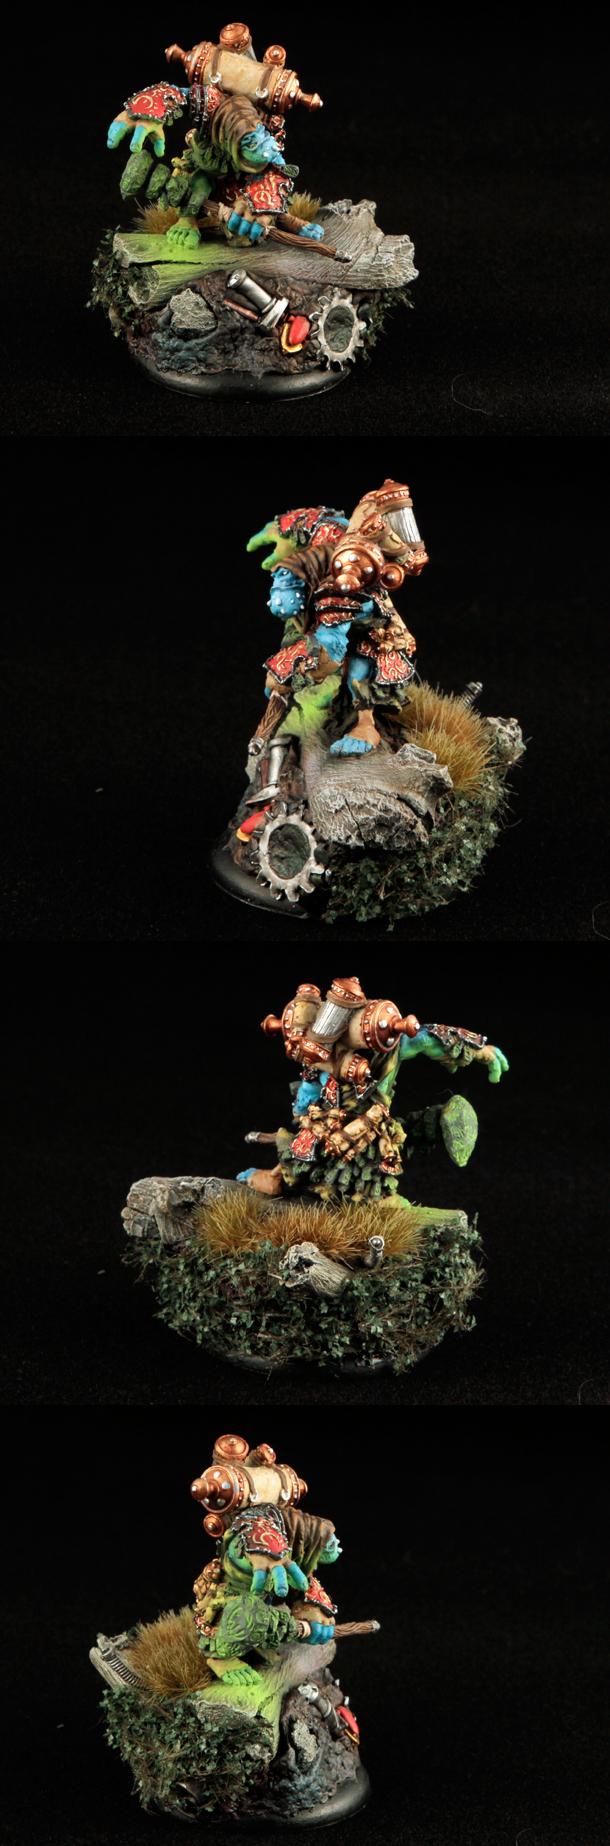 epic Doomshaper -- Trollbloods warlock